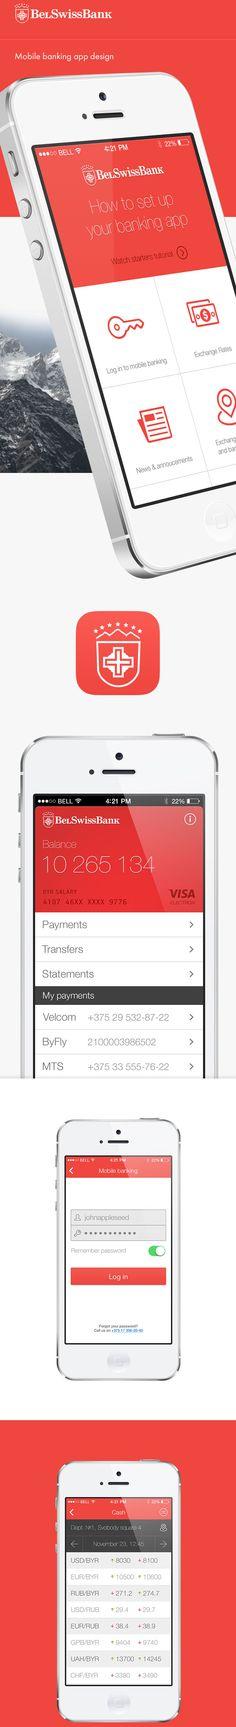 BelSwissBank app